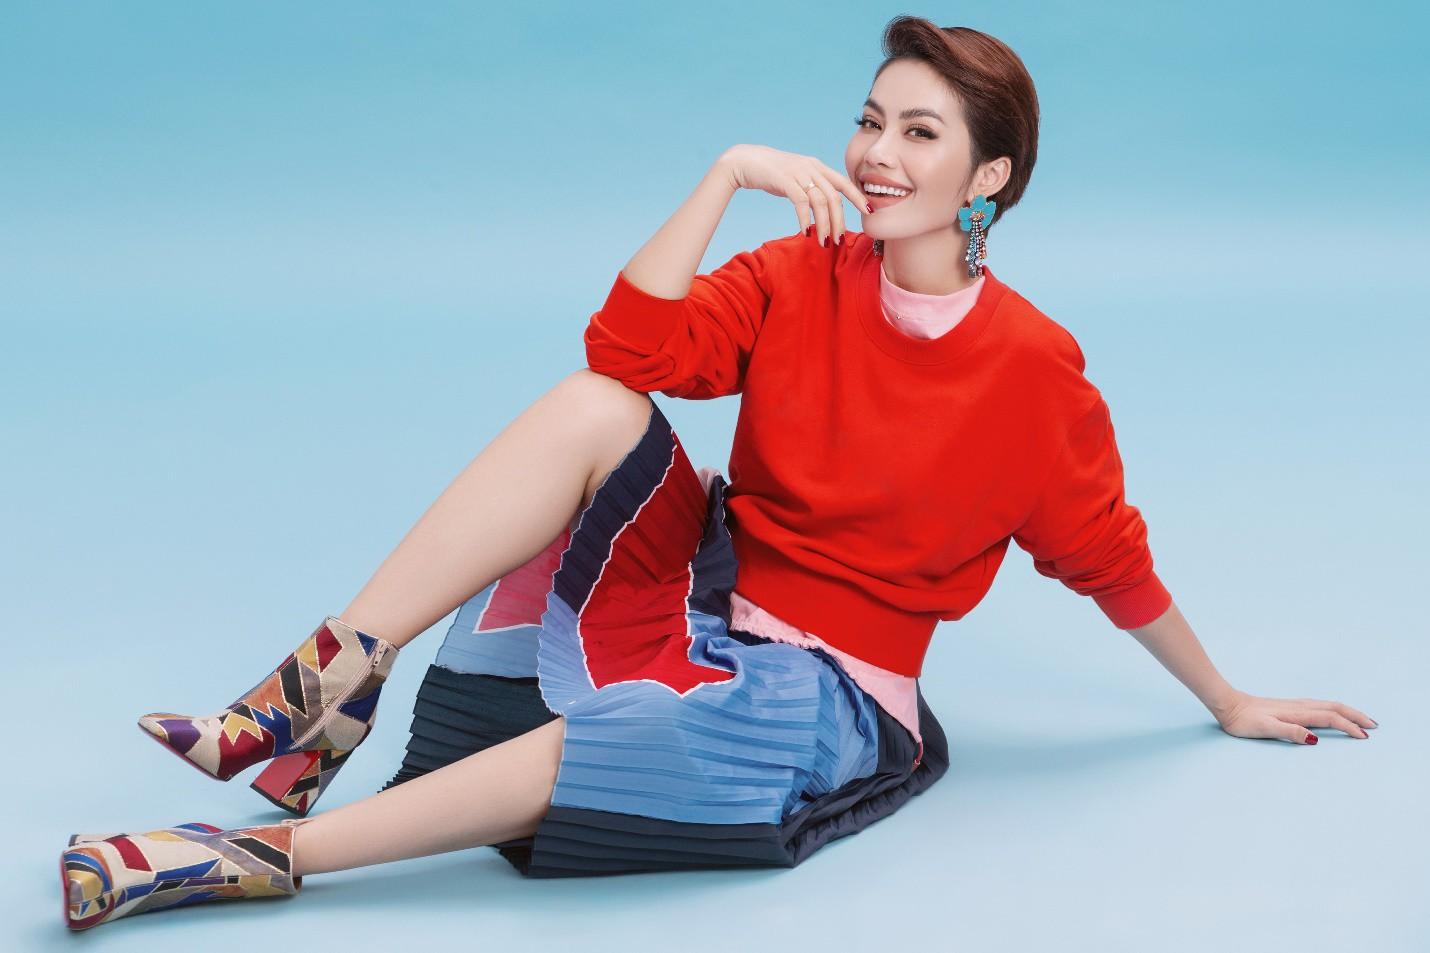 Nữ doanh nhân 8x - Xuyến Nguyễn và câu chuyện truyền cảm hứng cho những người trẻ đam mê kinh doanh thời trang - Ảnh 3.